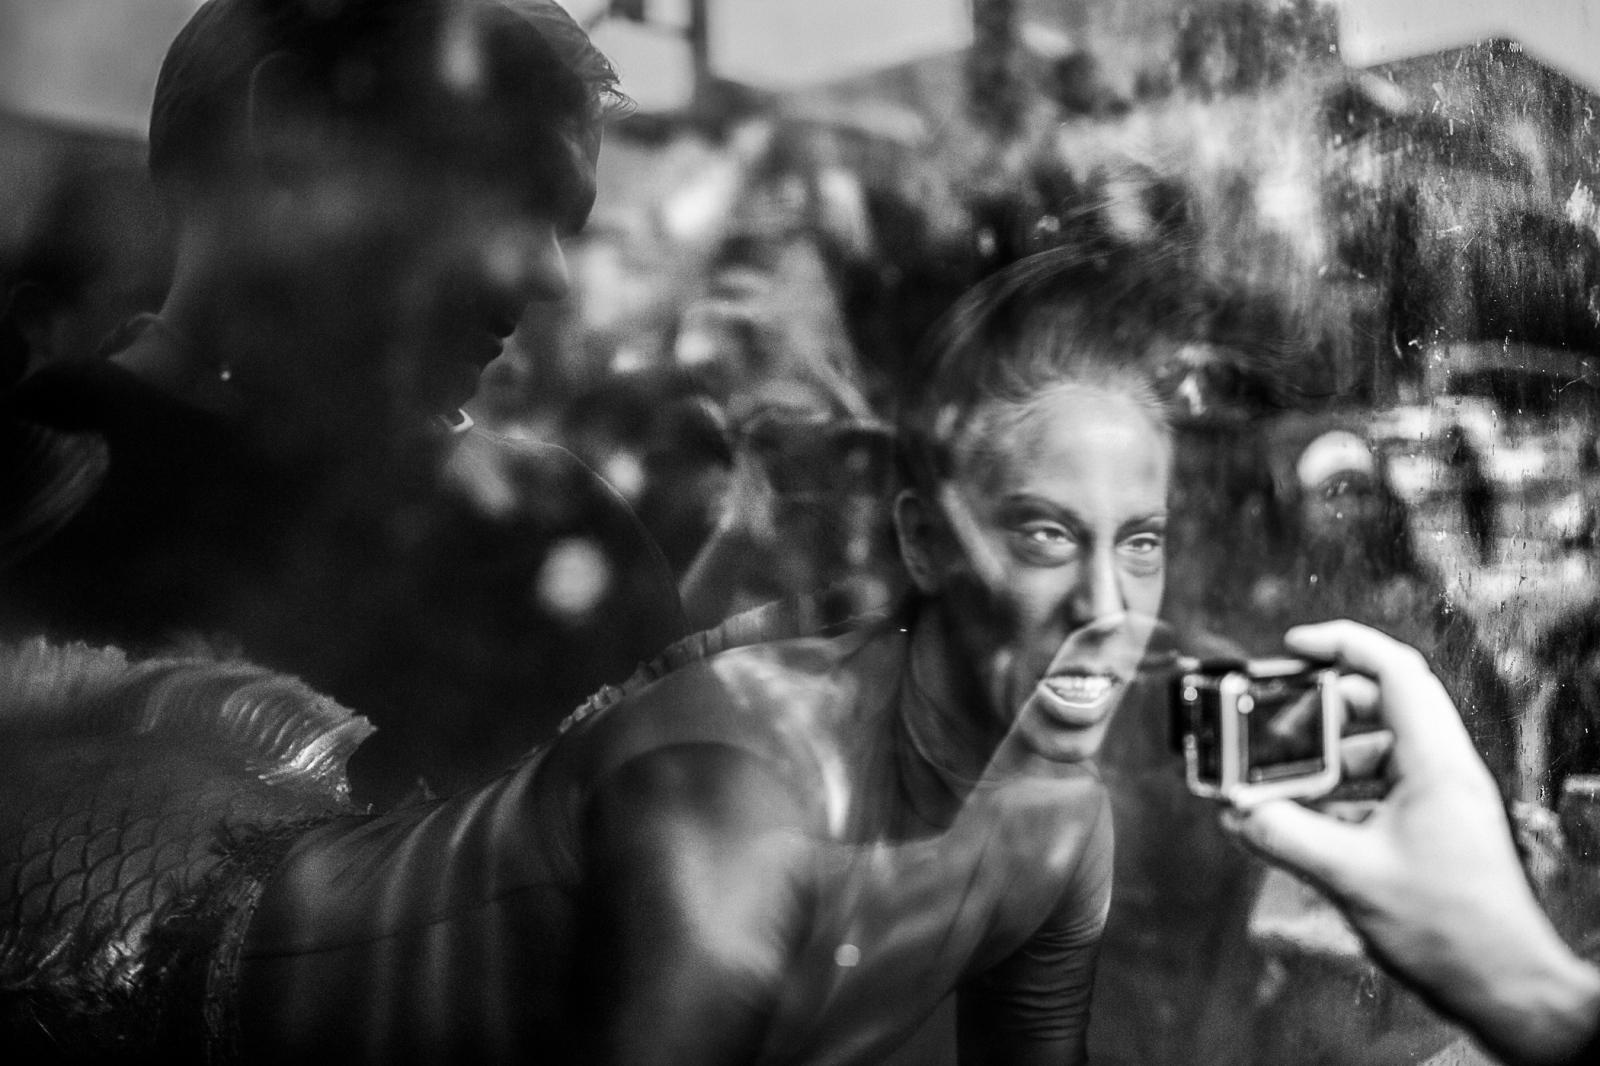 Art and Documentary Photography - Loading SebastianZuletaRios_LenteTrinchera_8Y6A9783-Editar01708_de_octubre_de_2017.jpg